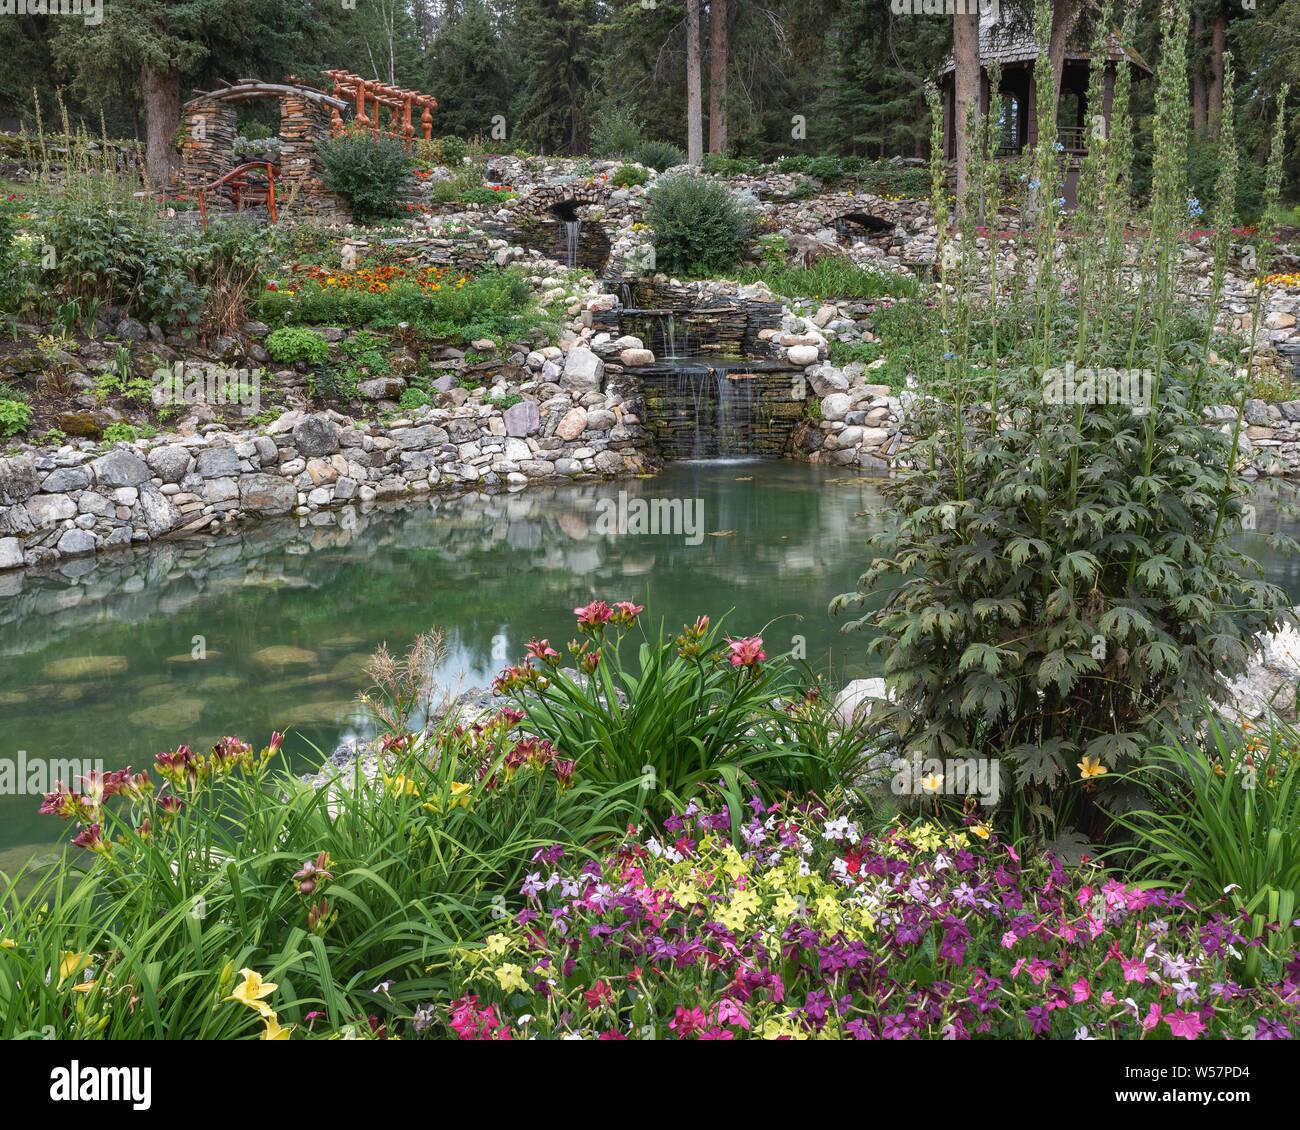 Die Kaskade Rock Gardens Auf Dem Gelande Des Verwaltungsgebaudes